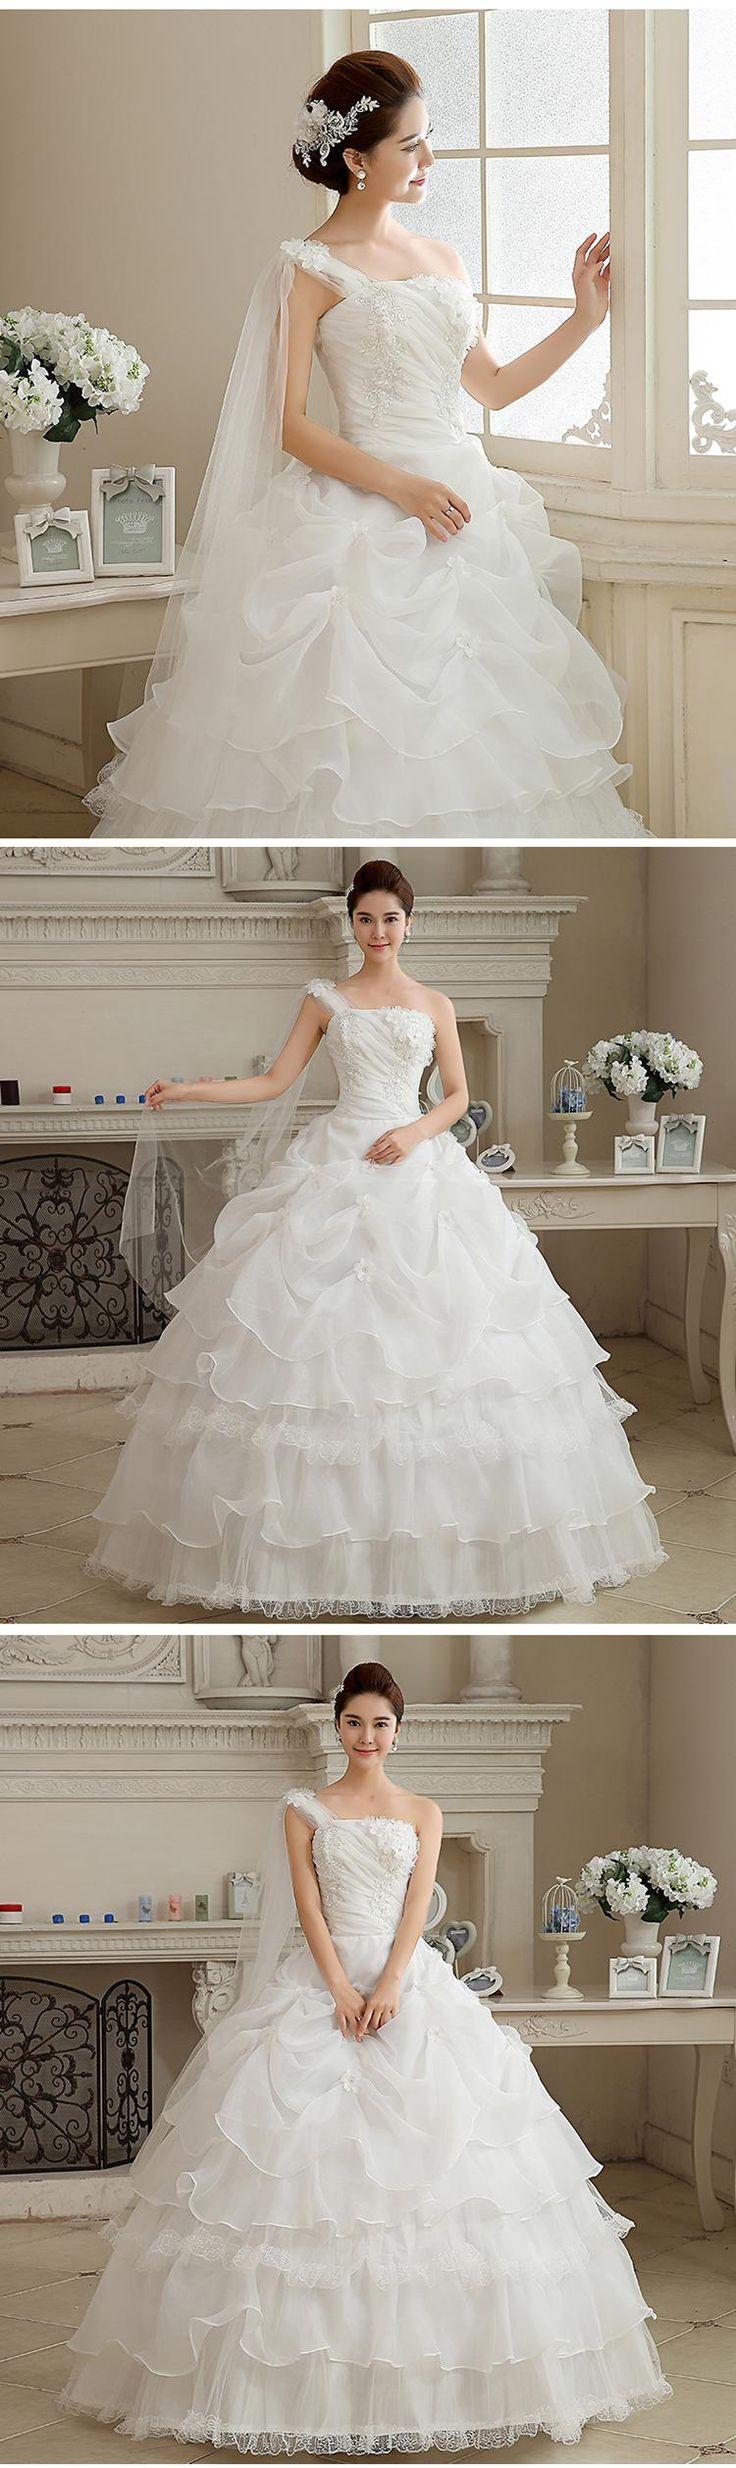 2015 мода горячая распродажа Sweetange корейский стиль сладкий романтические кружева принцесса свадебное платье бесплатная доставка, принадлежащий категории Свадебные платья и относящийся к Свадьбы и торжества на сайте AliExpress.com | Alibaba Group